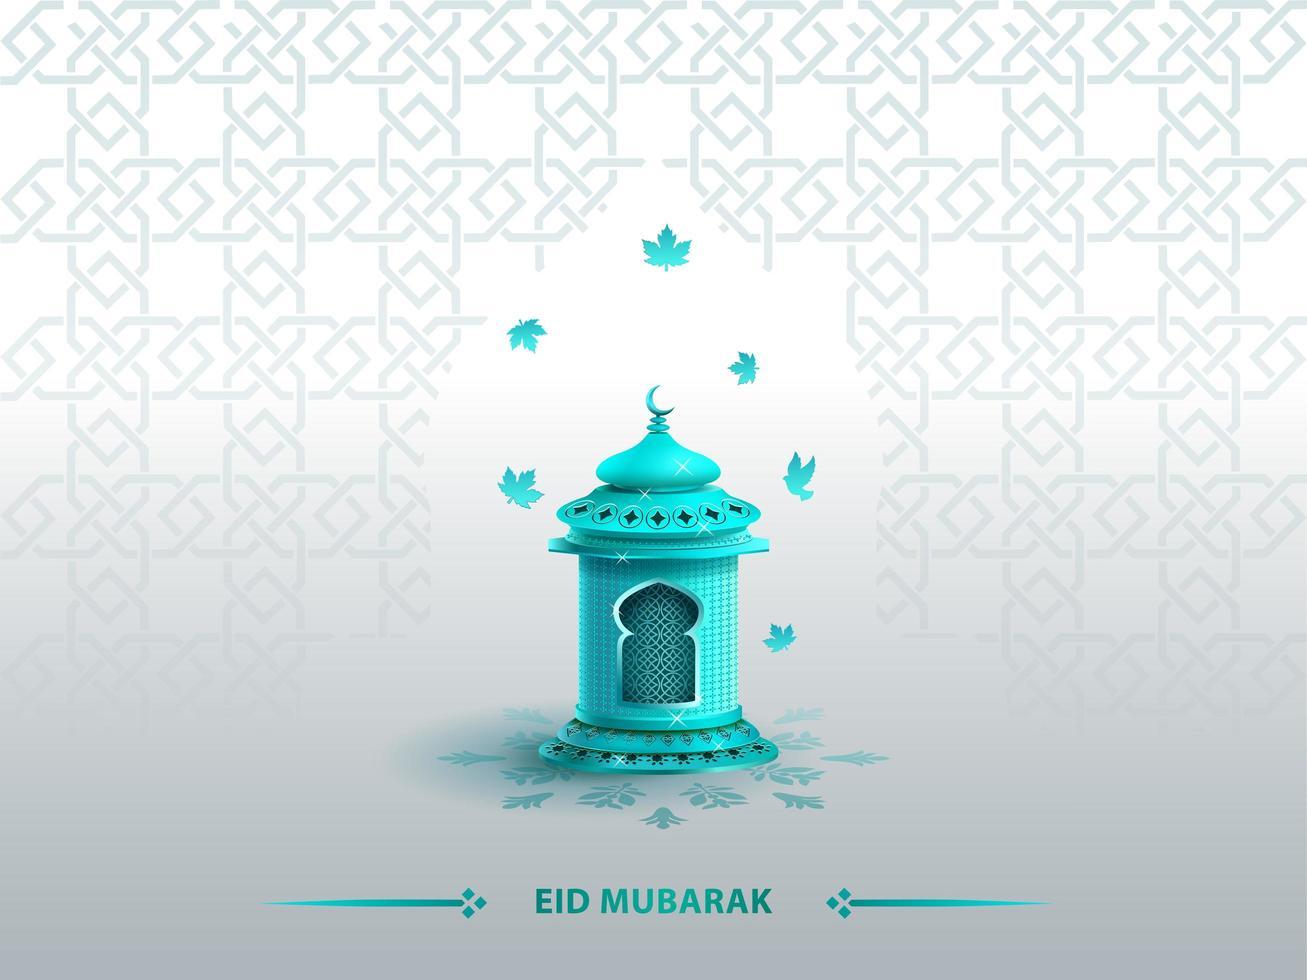 Modelo de design de cartão islâmico saudações eid mubarak com lanterna azul vetor